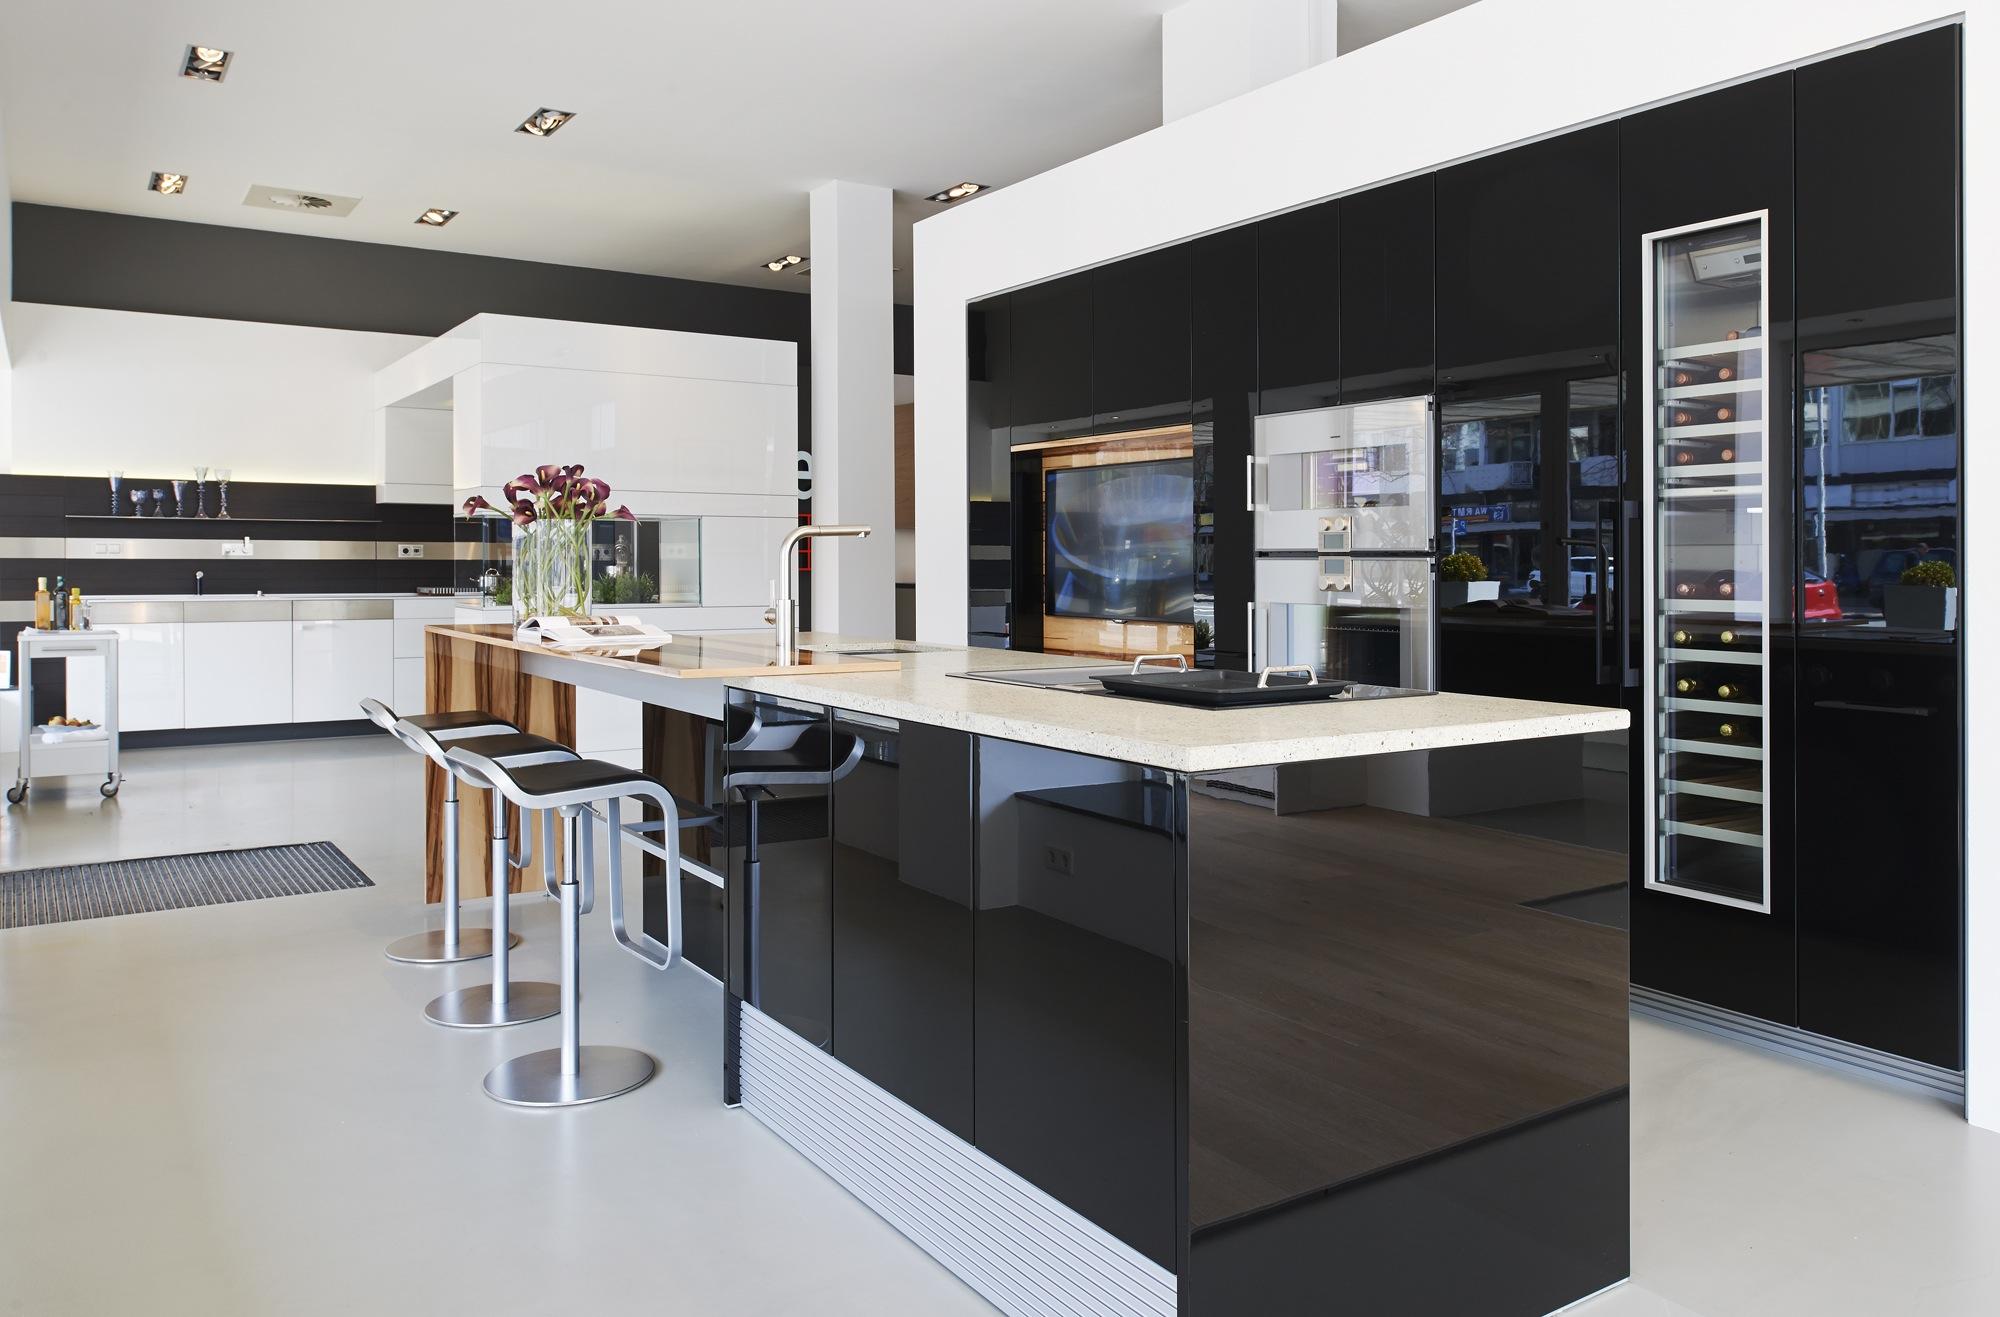 Poggenpohl keuken design studio amsterdam nieuws startpagina voor keuken idee n uw for Design keukens